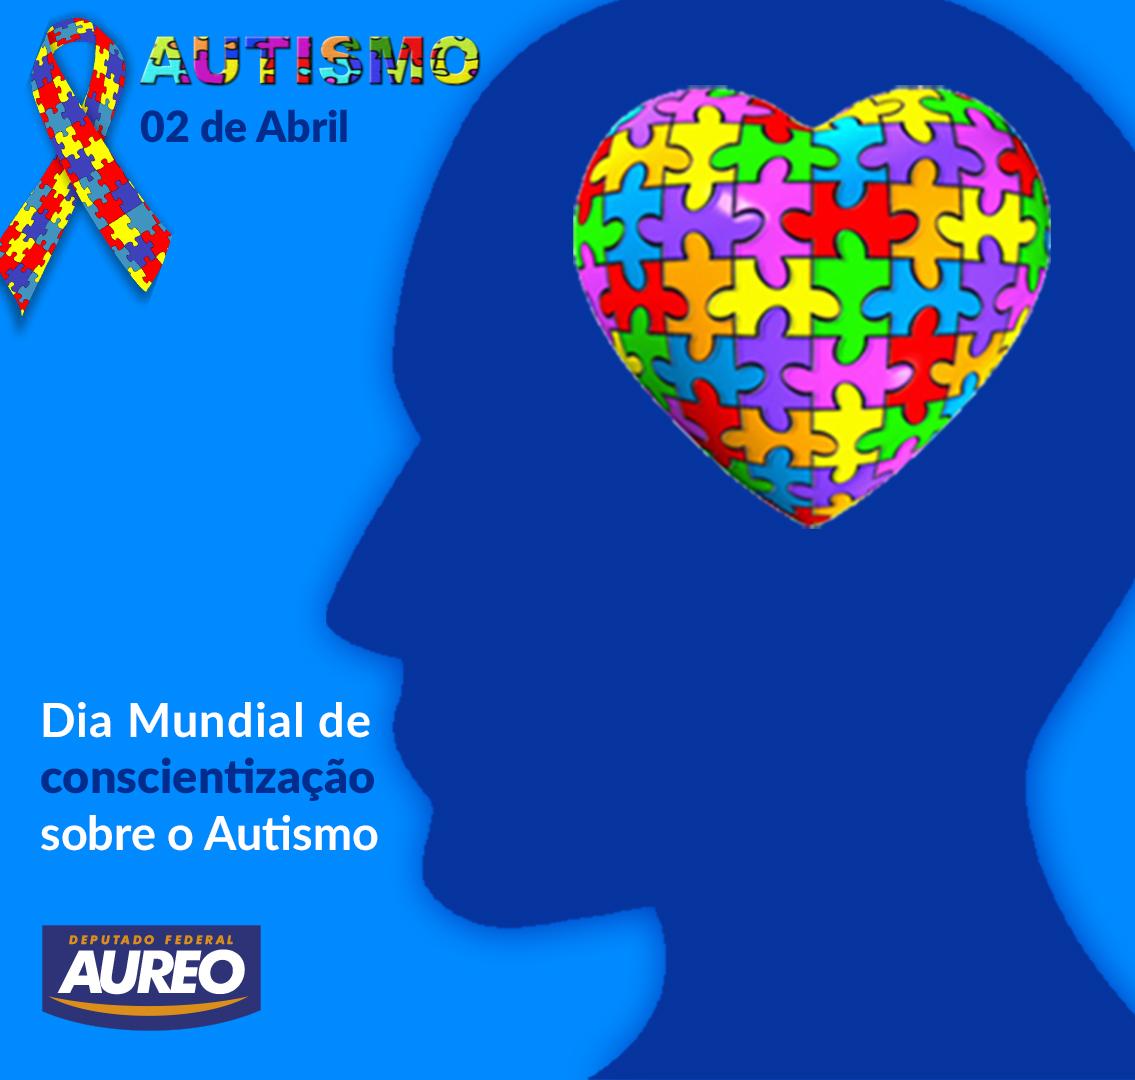 Dia Mundial de conscientização sobre o Autismo